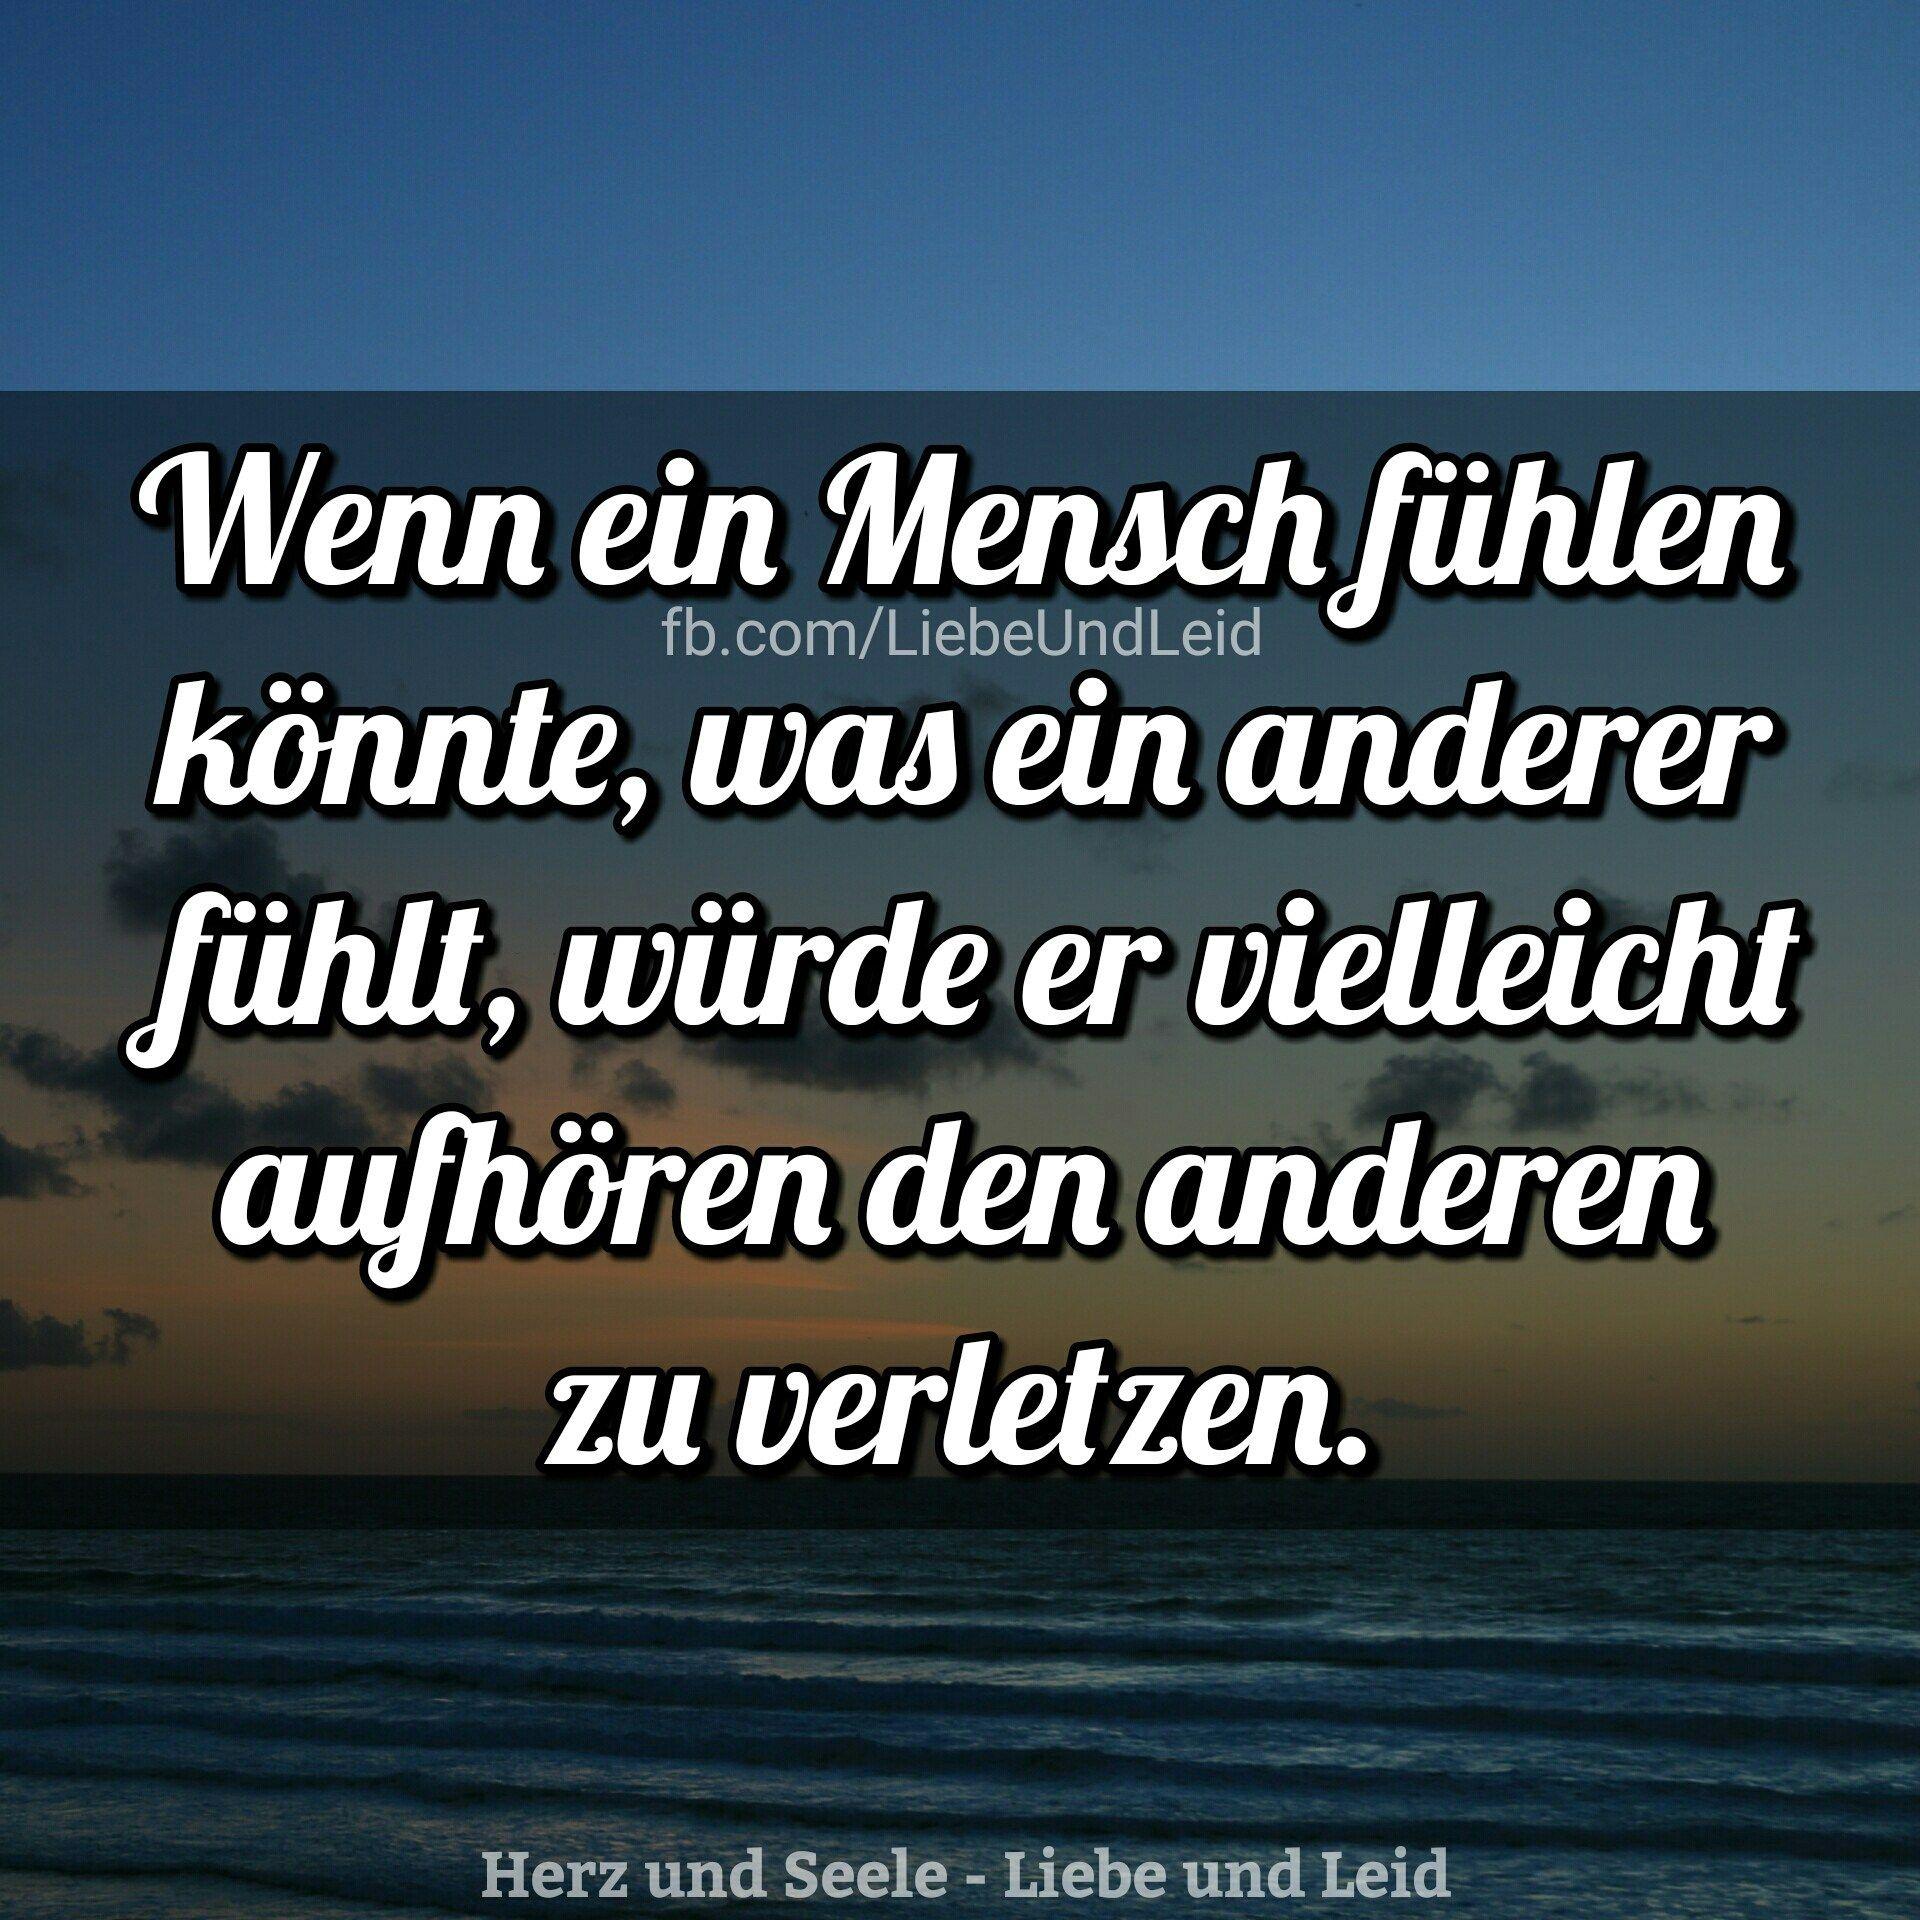 fb sprüche liebe Herz und Seele   Liebe und Leid   Part 34 | Smile!!!   Shame  fb sprüche liebe